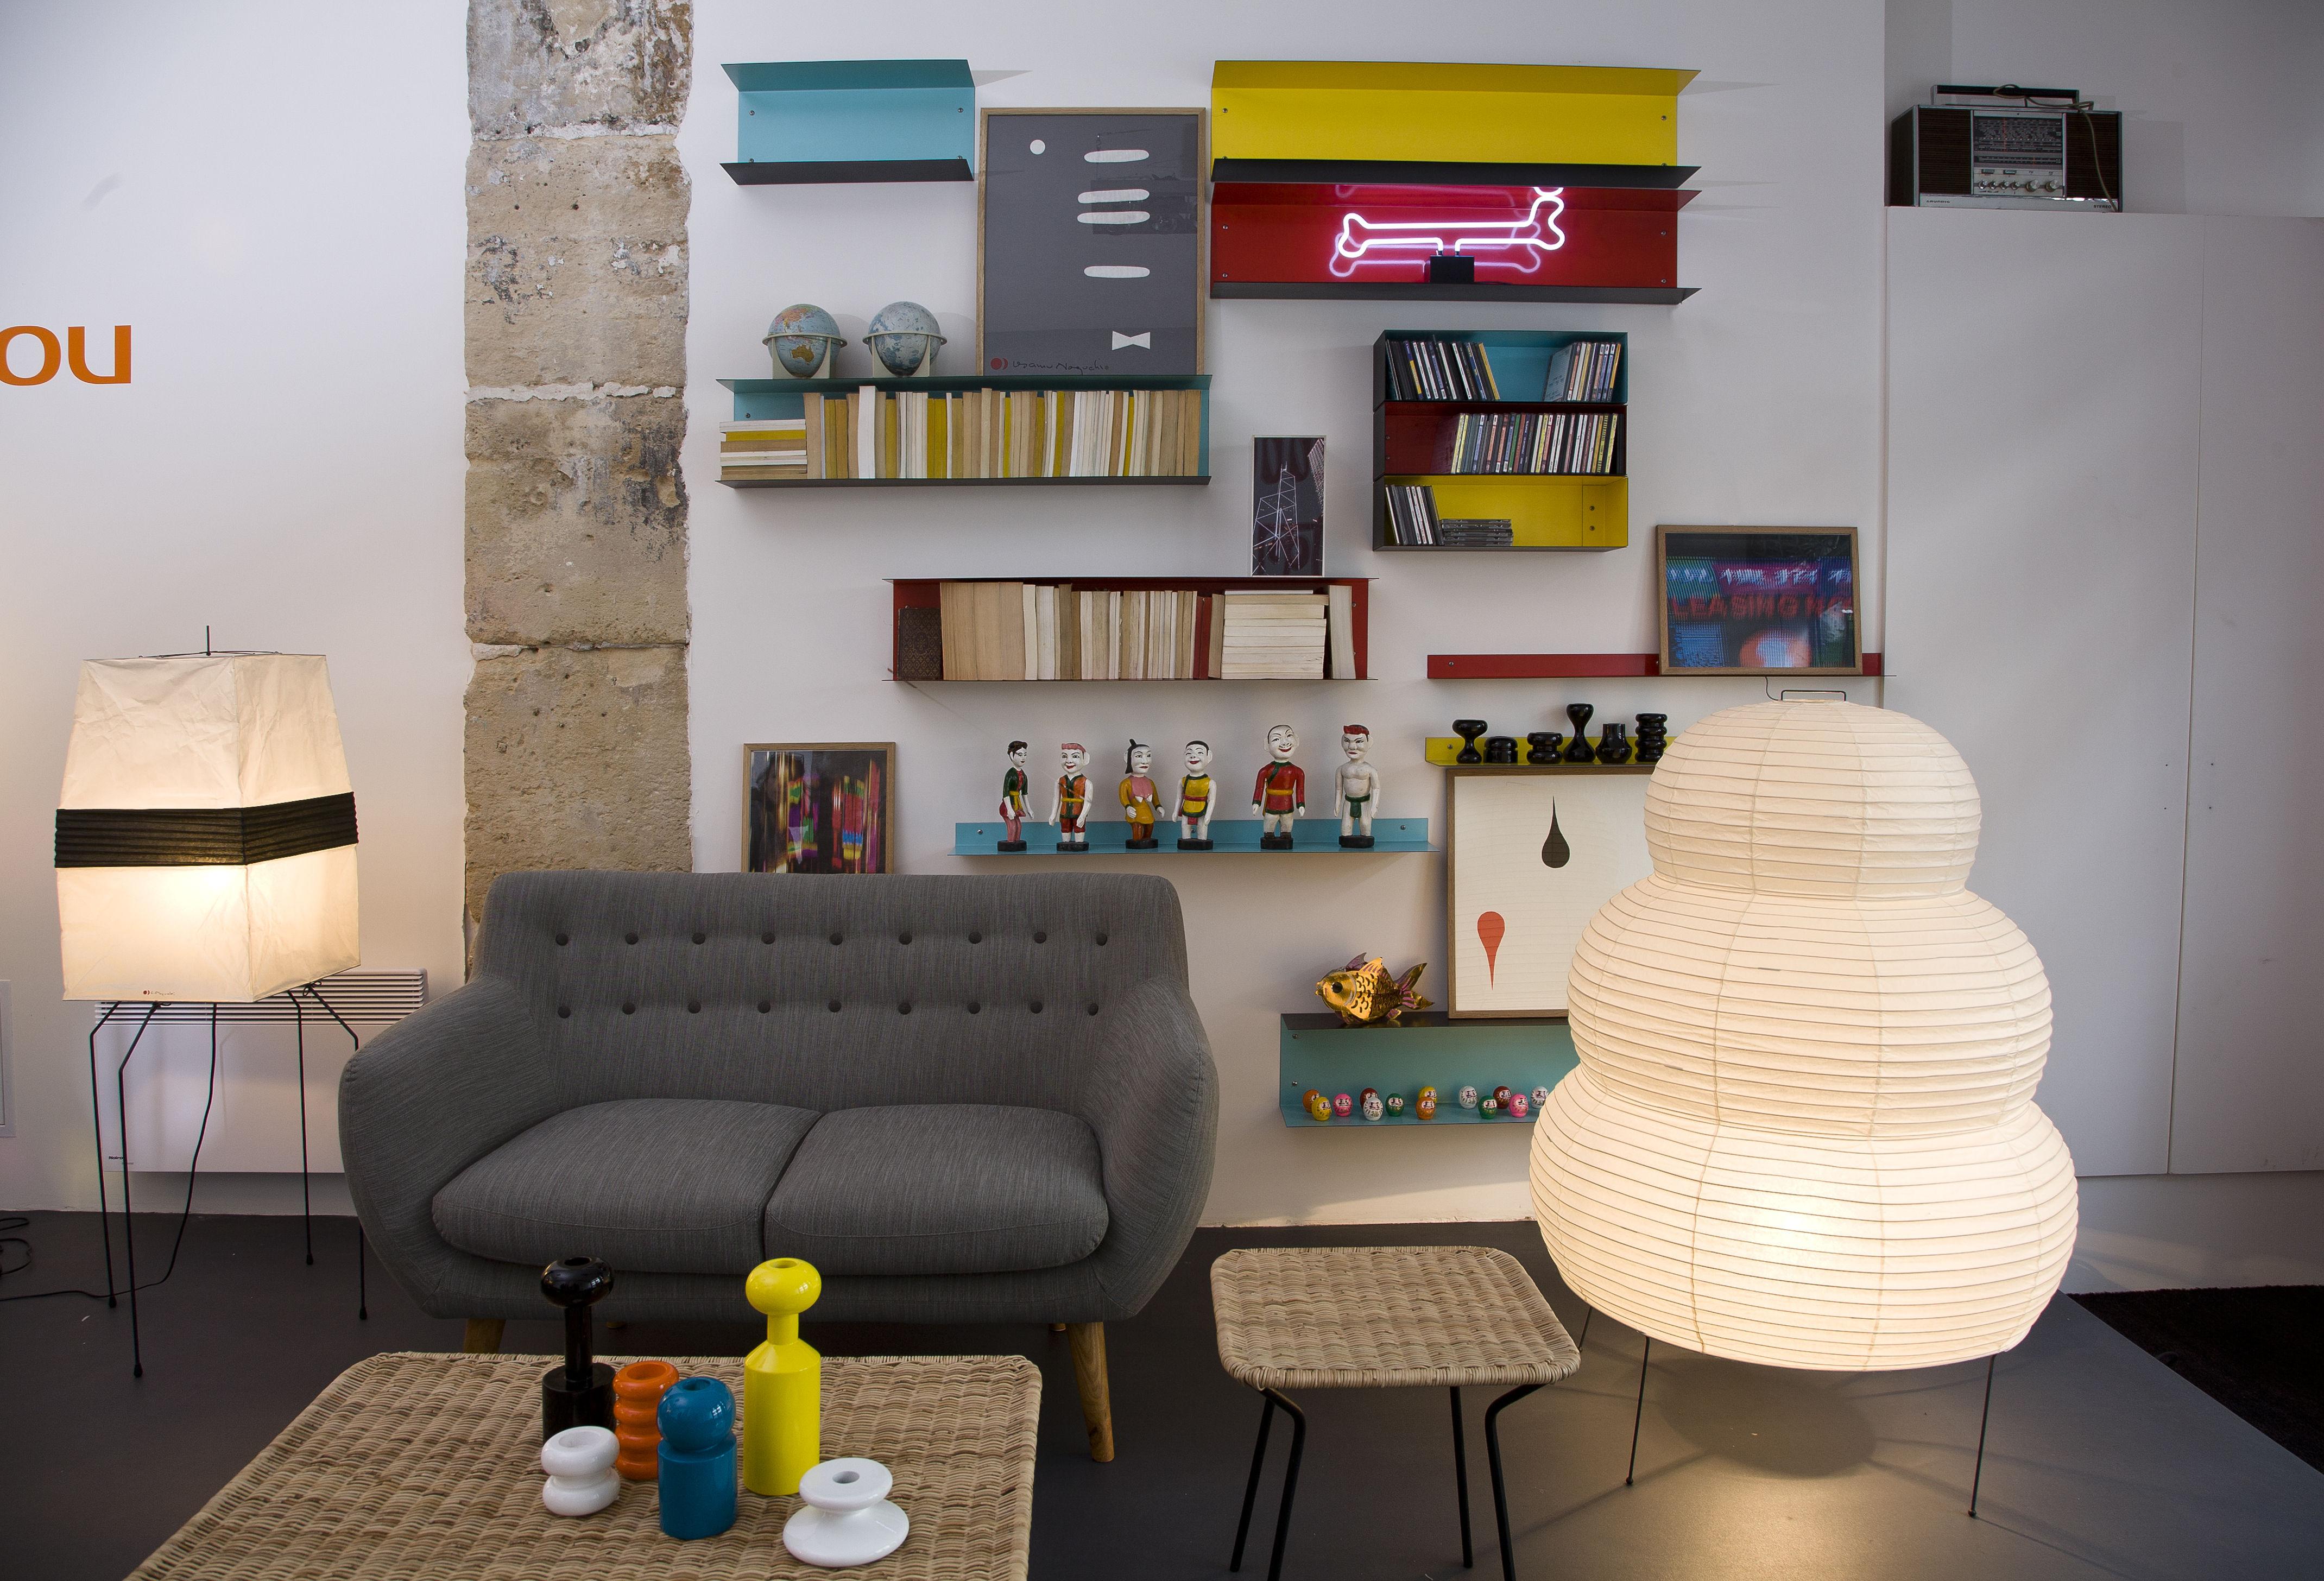 etag re utu l 100 cm jaune ext rieur noir sentou edition. Black Bedroom Furniture Sets. Home Design Ideas